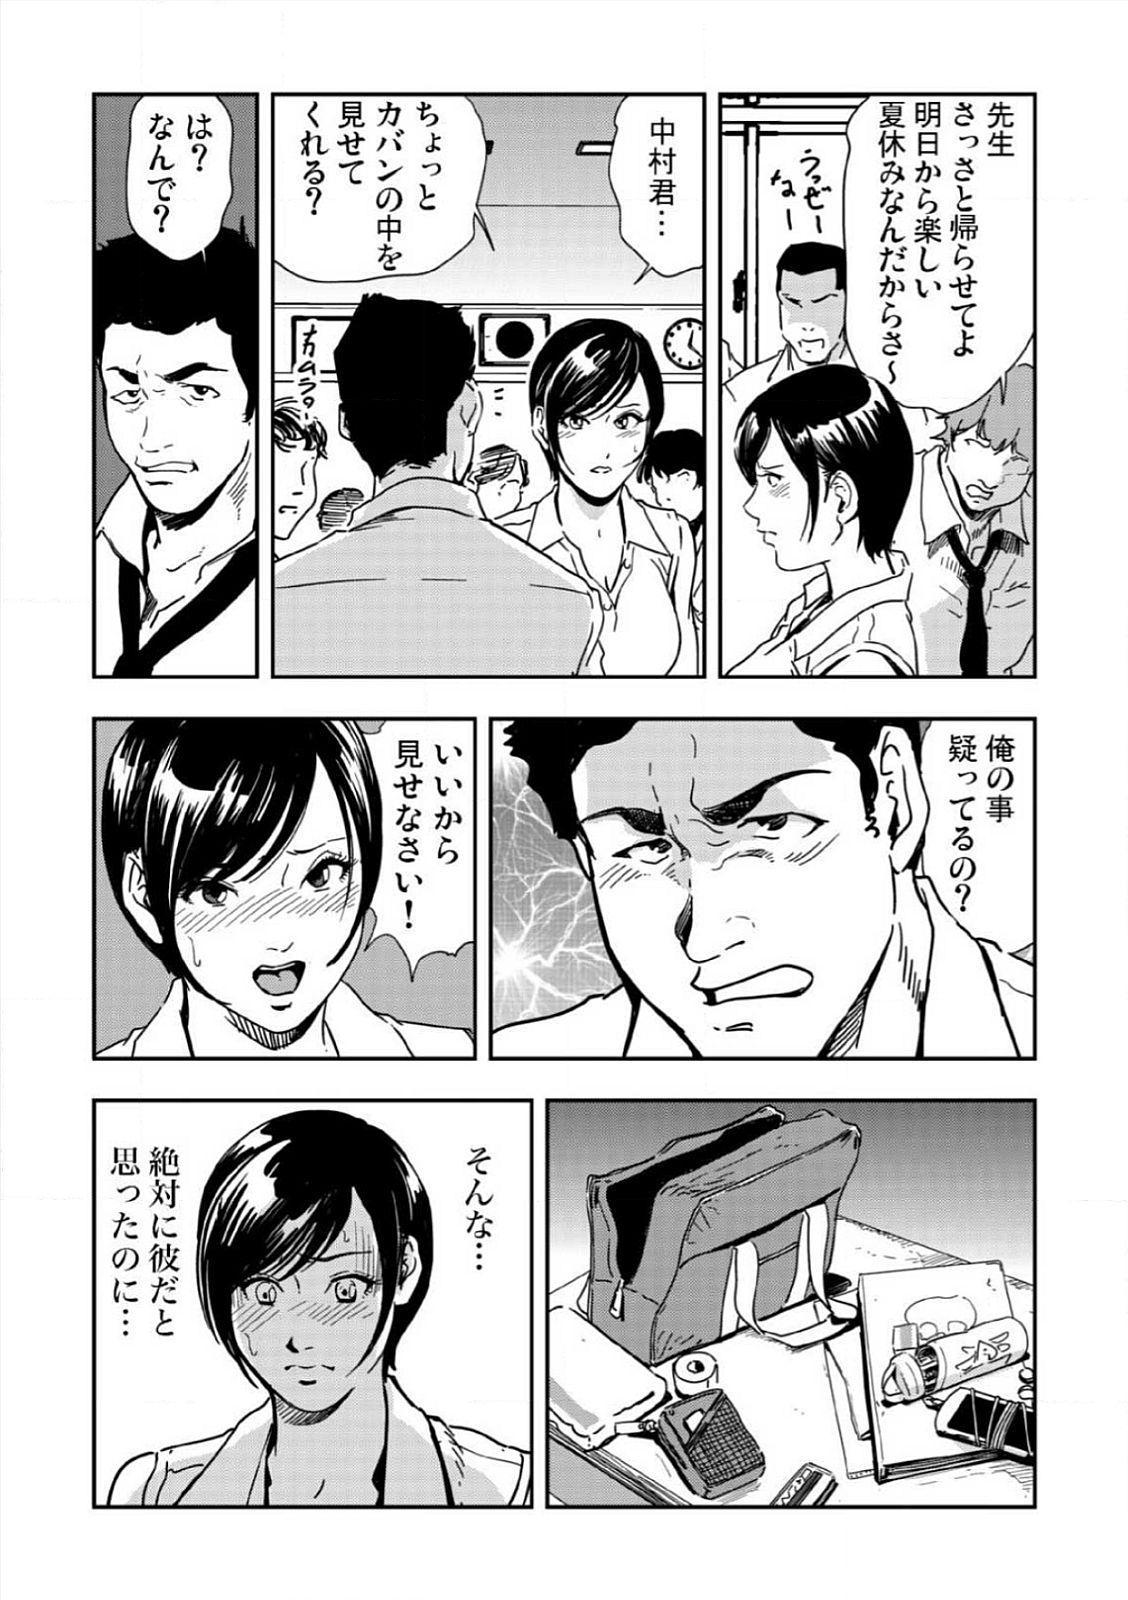 [Misaki Yukihiro] Kyousei Shidou ~Mechakucha ni Kegasarete~ (1)~(6) [Digital] 143